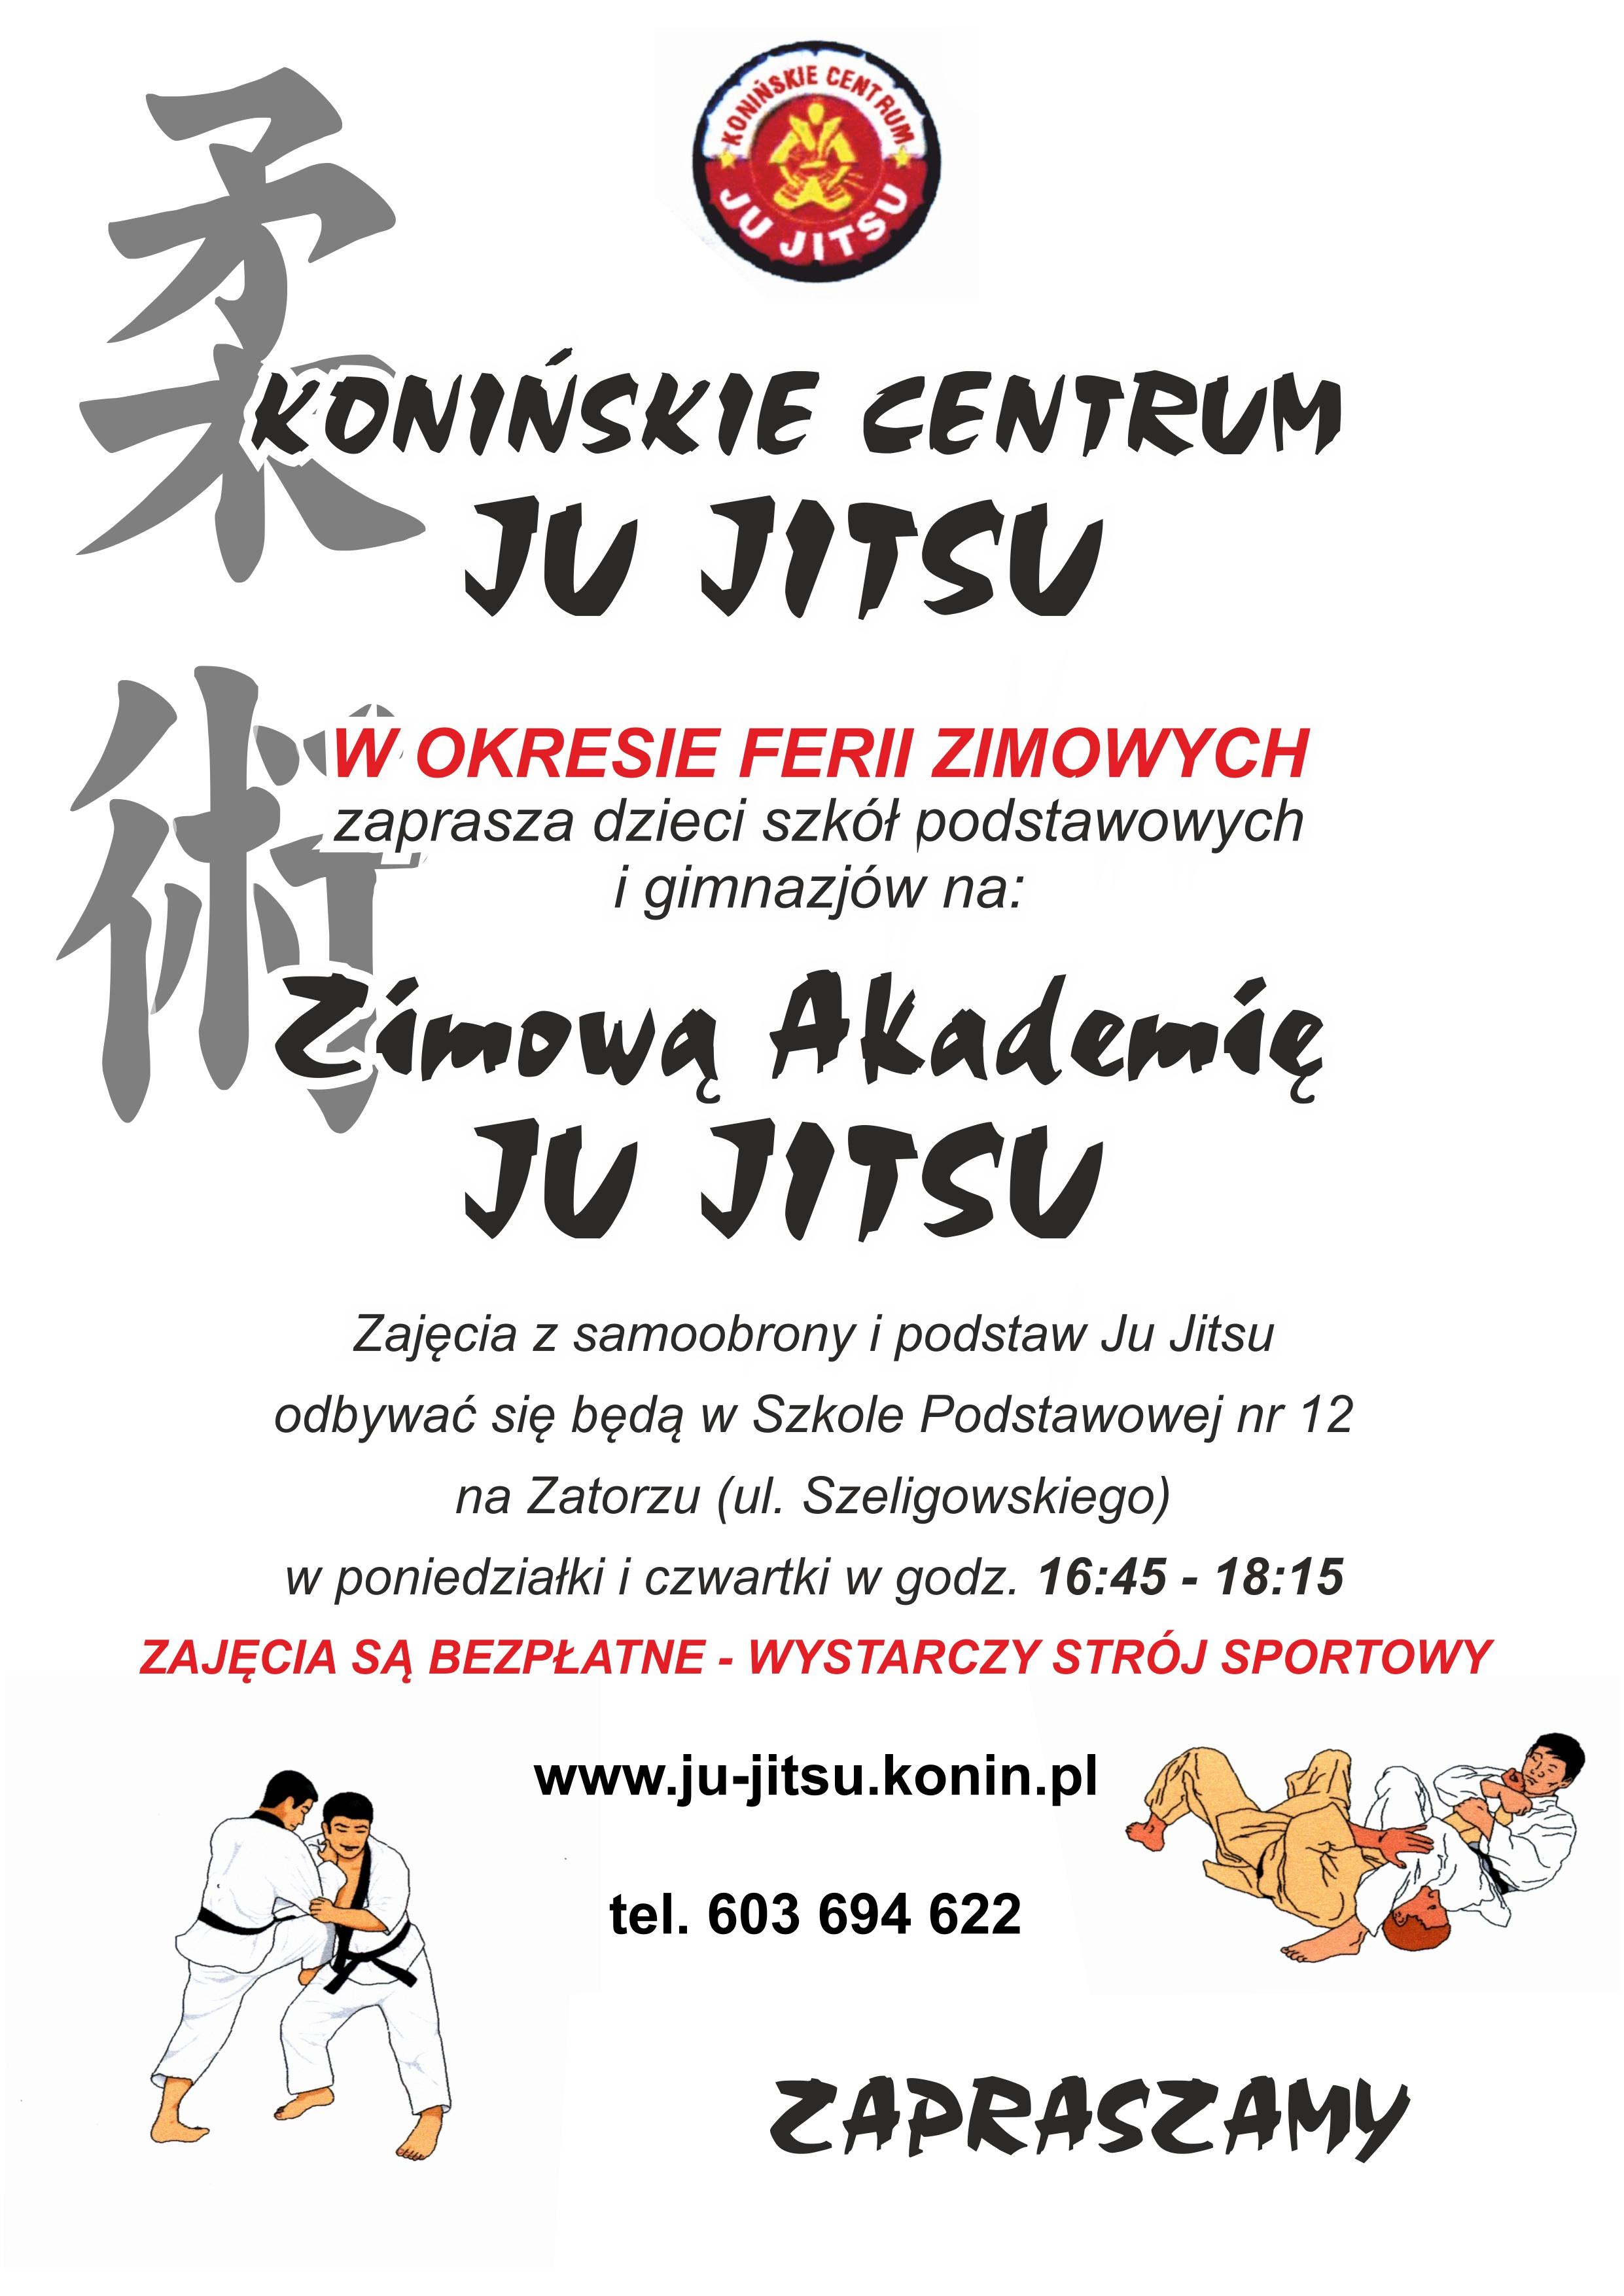 Zimowa Akademia Ju Jitsu